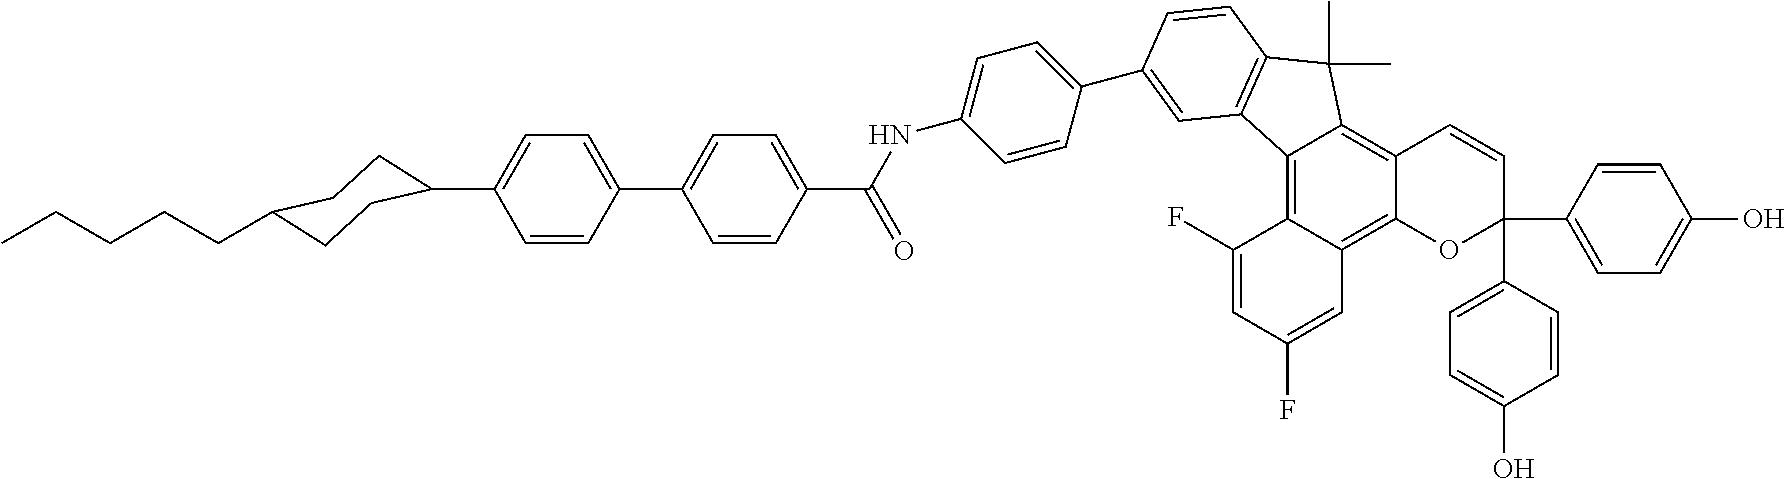 Figure US08545984-20131001-C00046